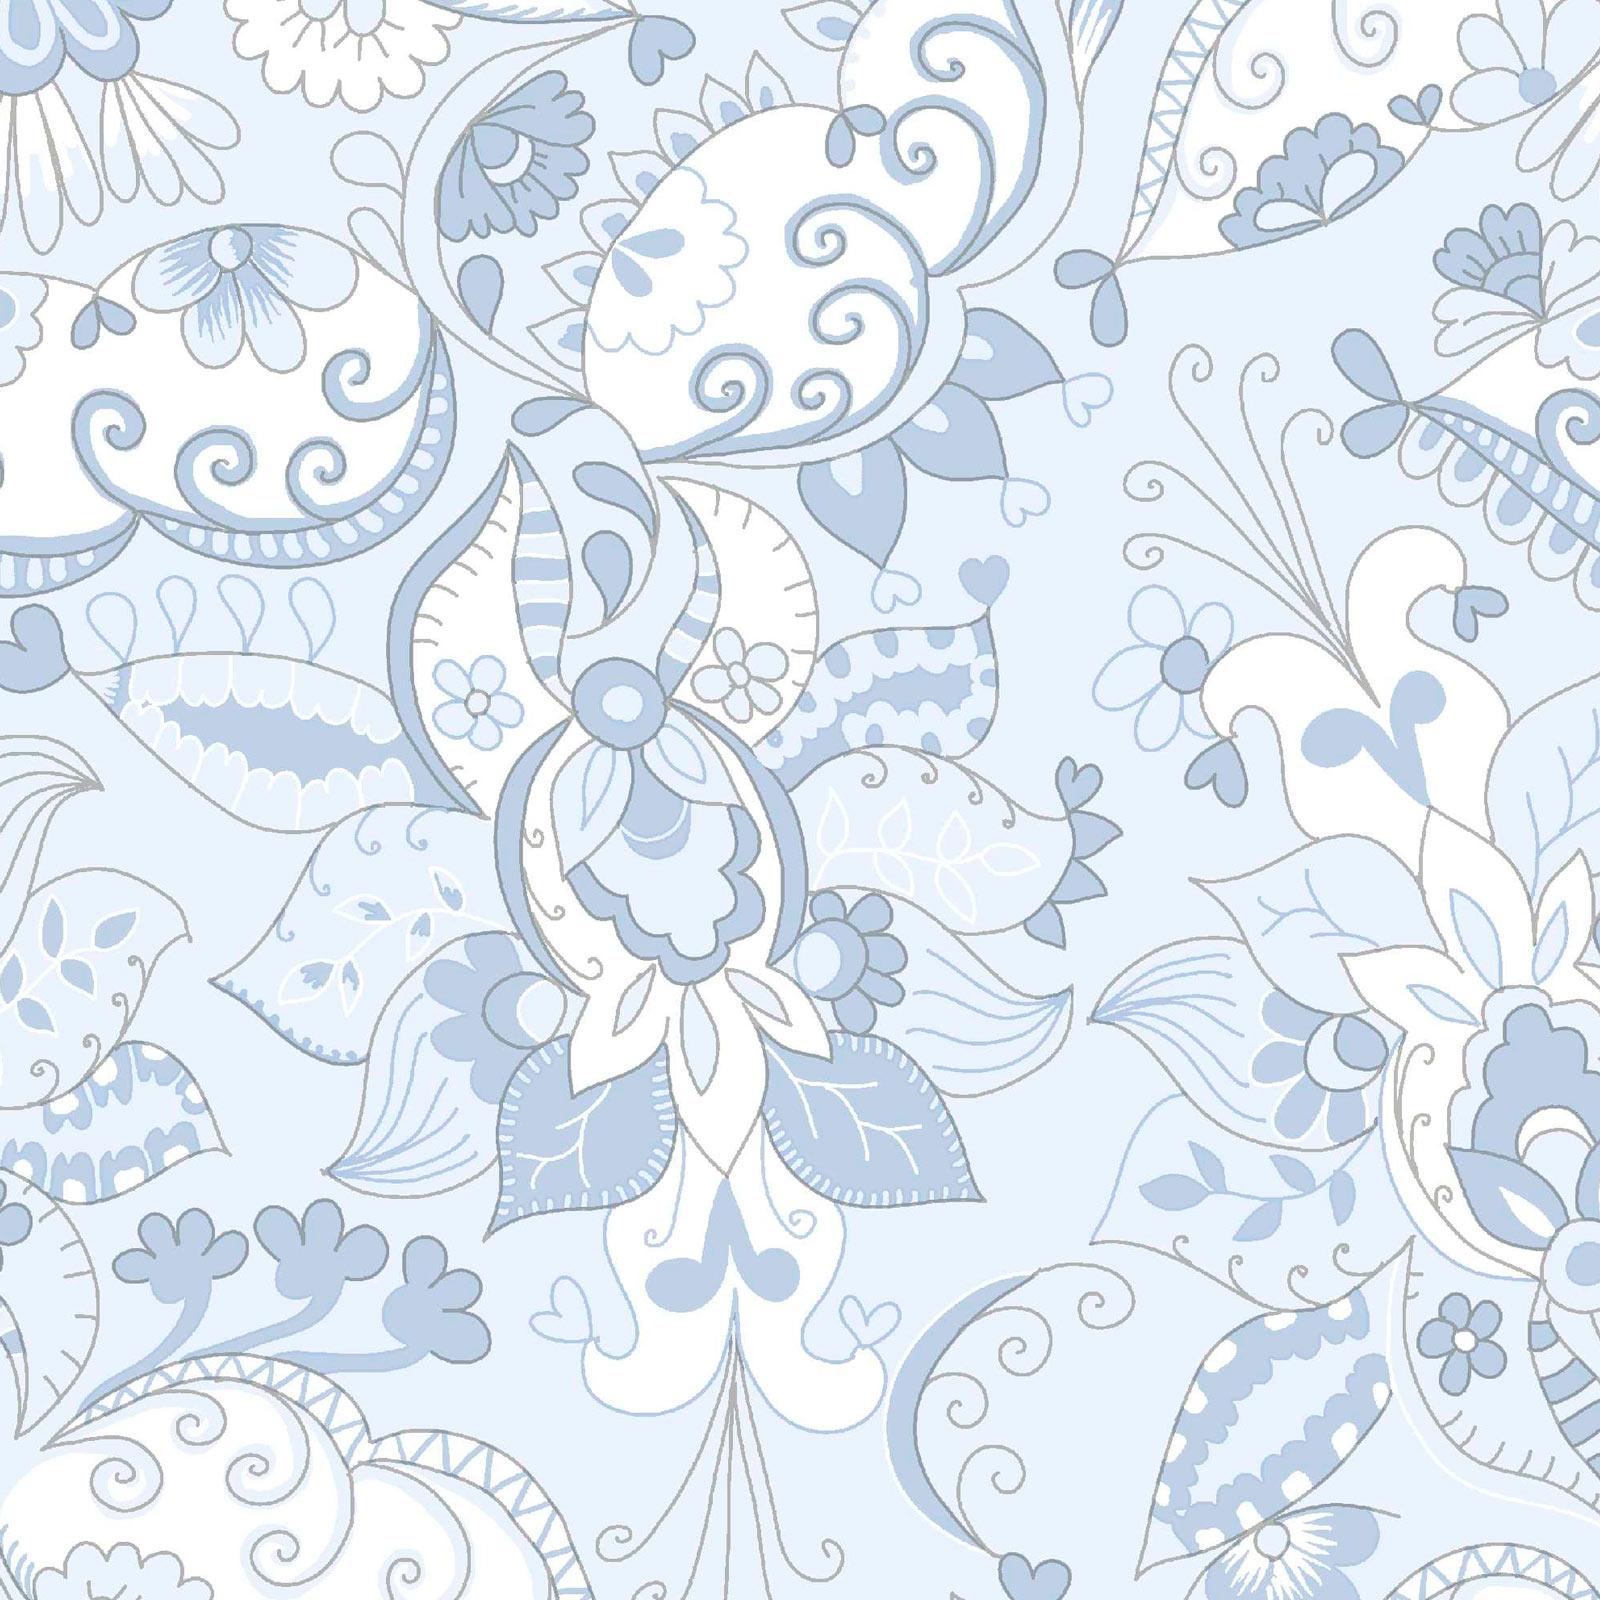 Jersey Stoff Blau Weiss 160 Cm Breit